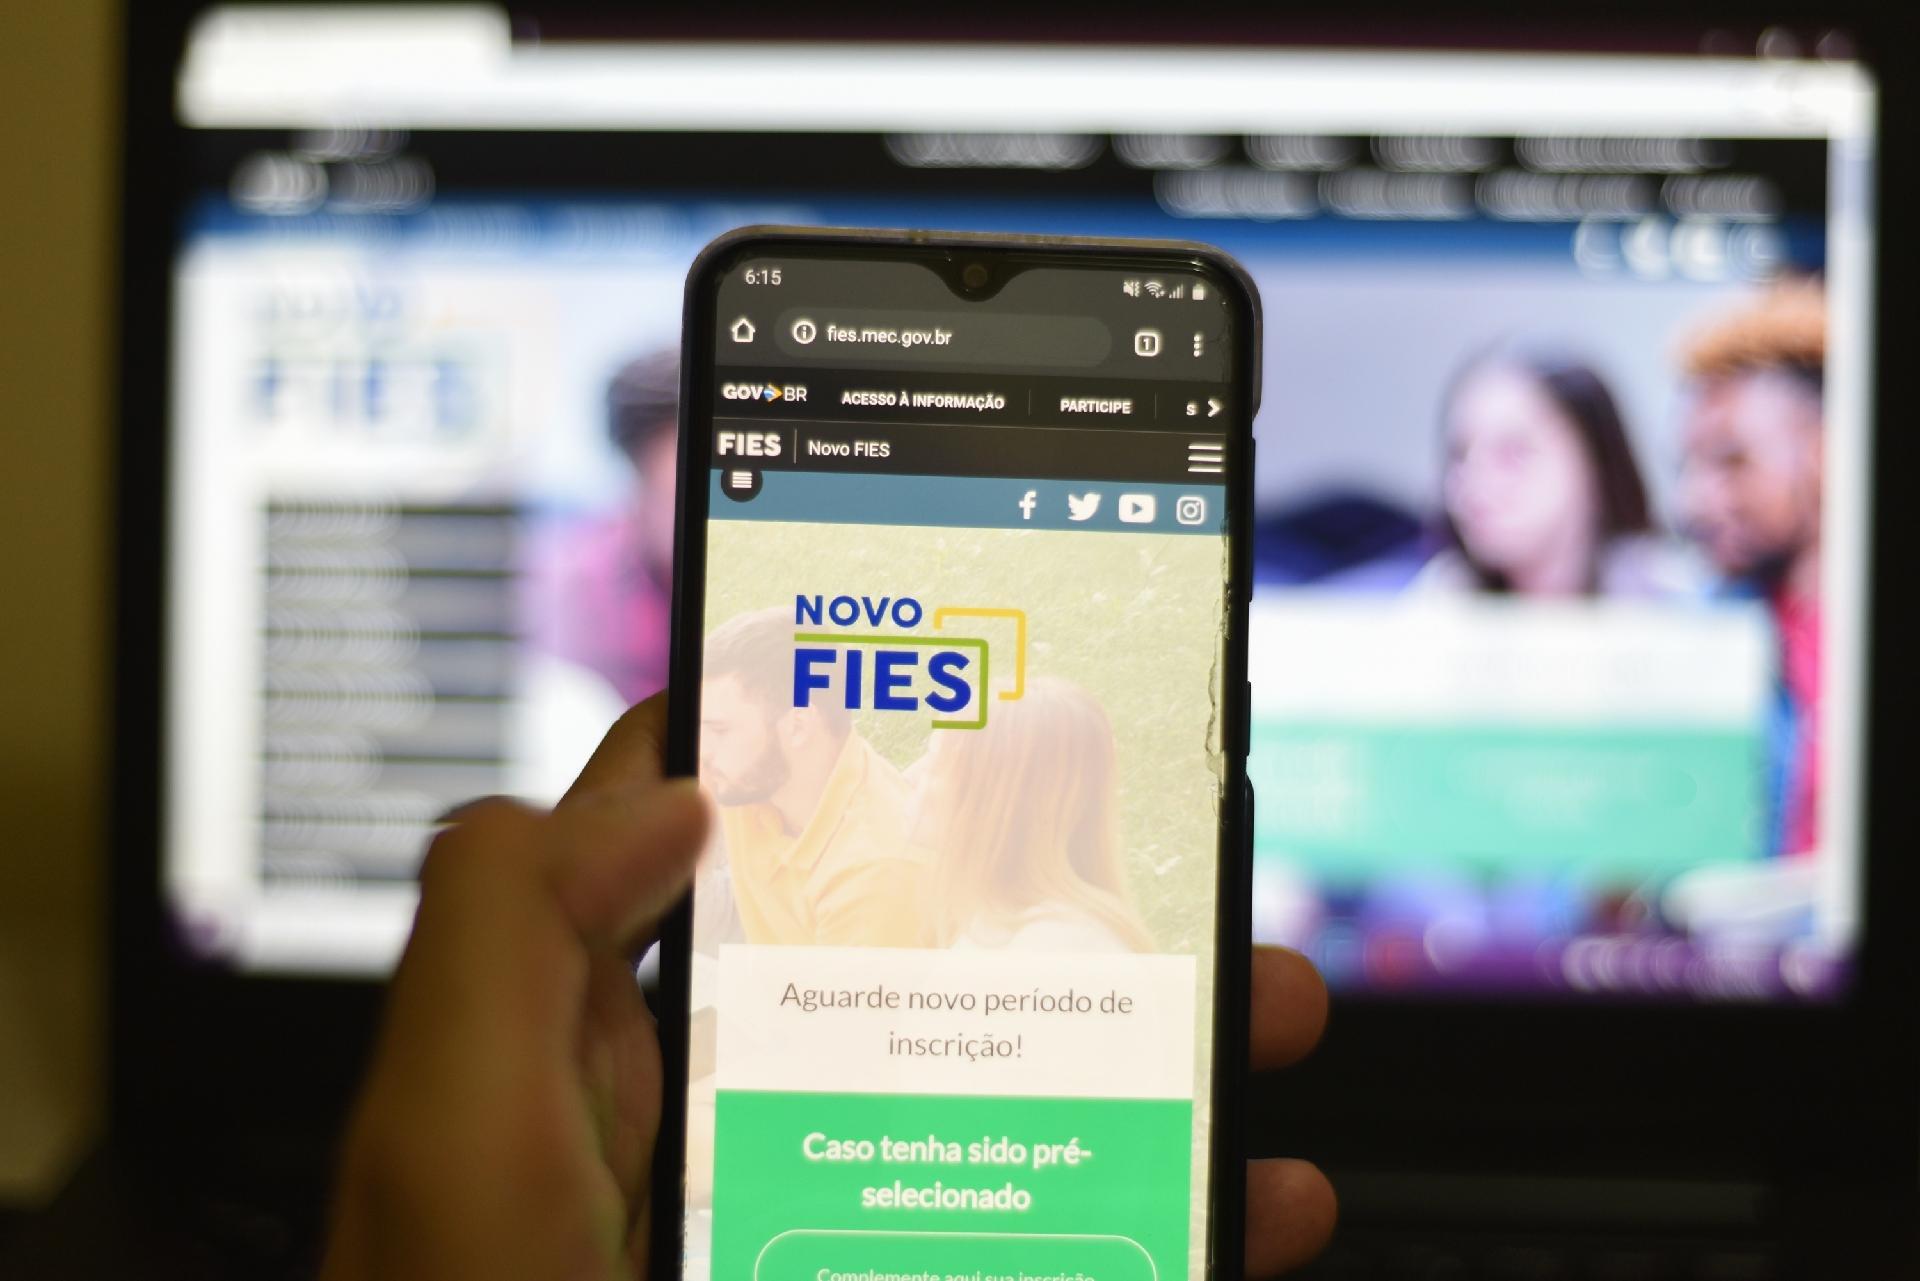 Fies: MEC divulga novas datas de inscrição